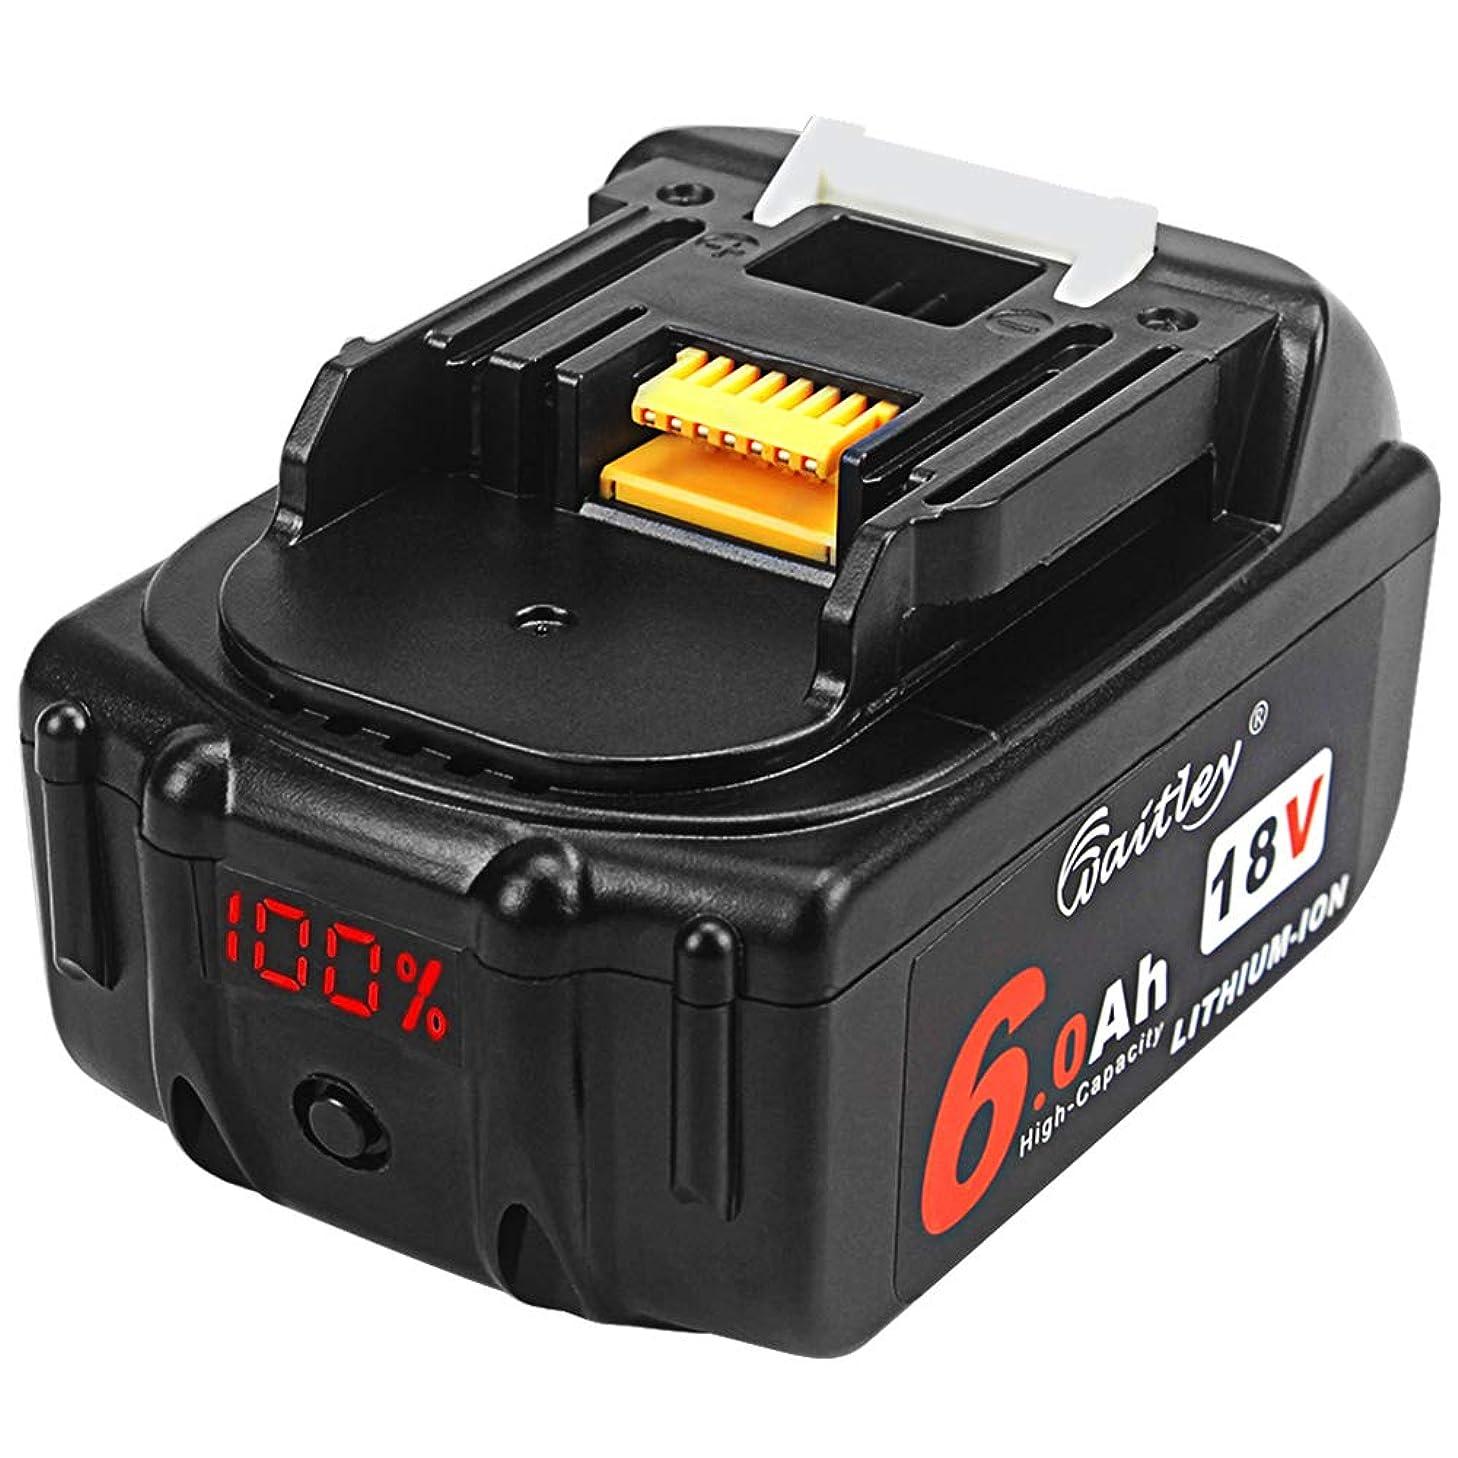 市場寛容な全部マキタ BL1860B 18V 互換 バッテリー 6.0Ah マキタ BL1830 BL1850 6000mah 大容量電池 %LED残量表示 DC18RC DC18RF 急速充電